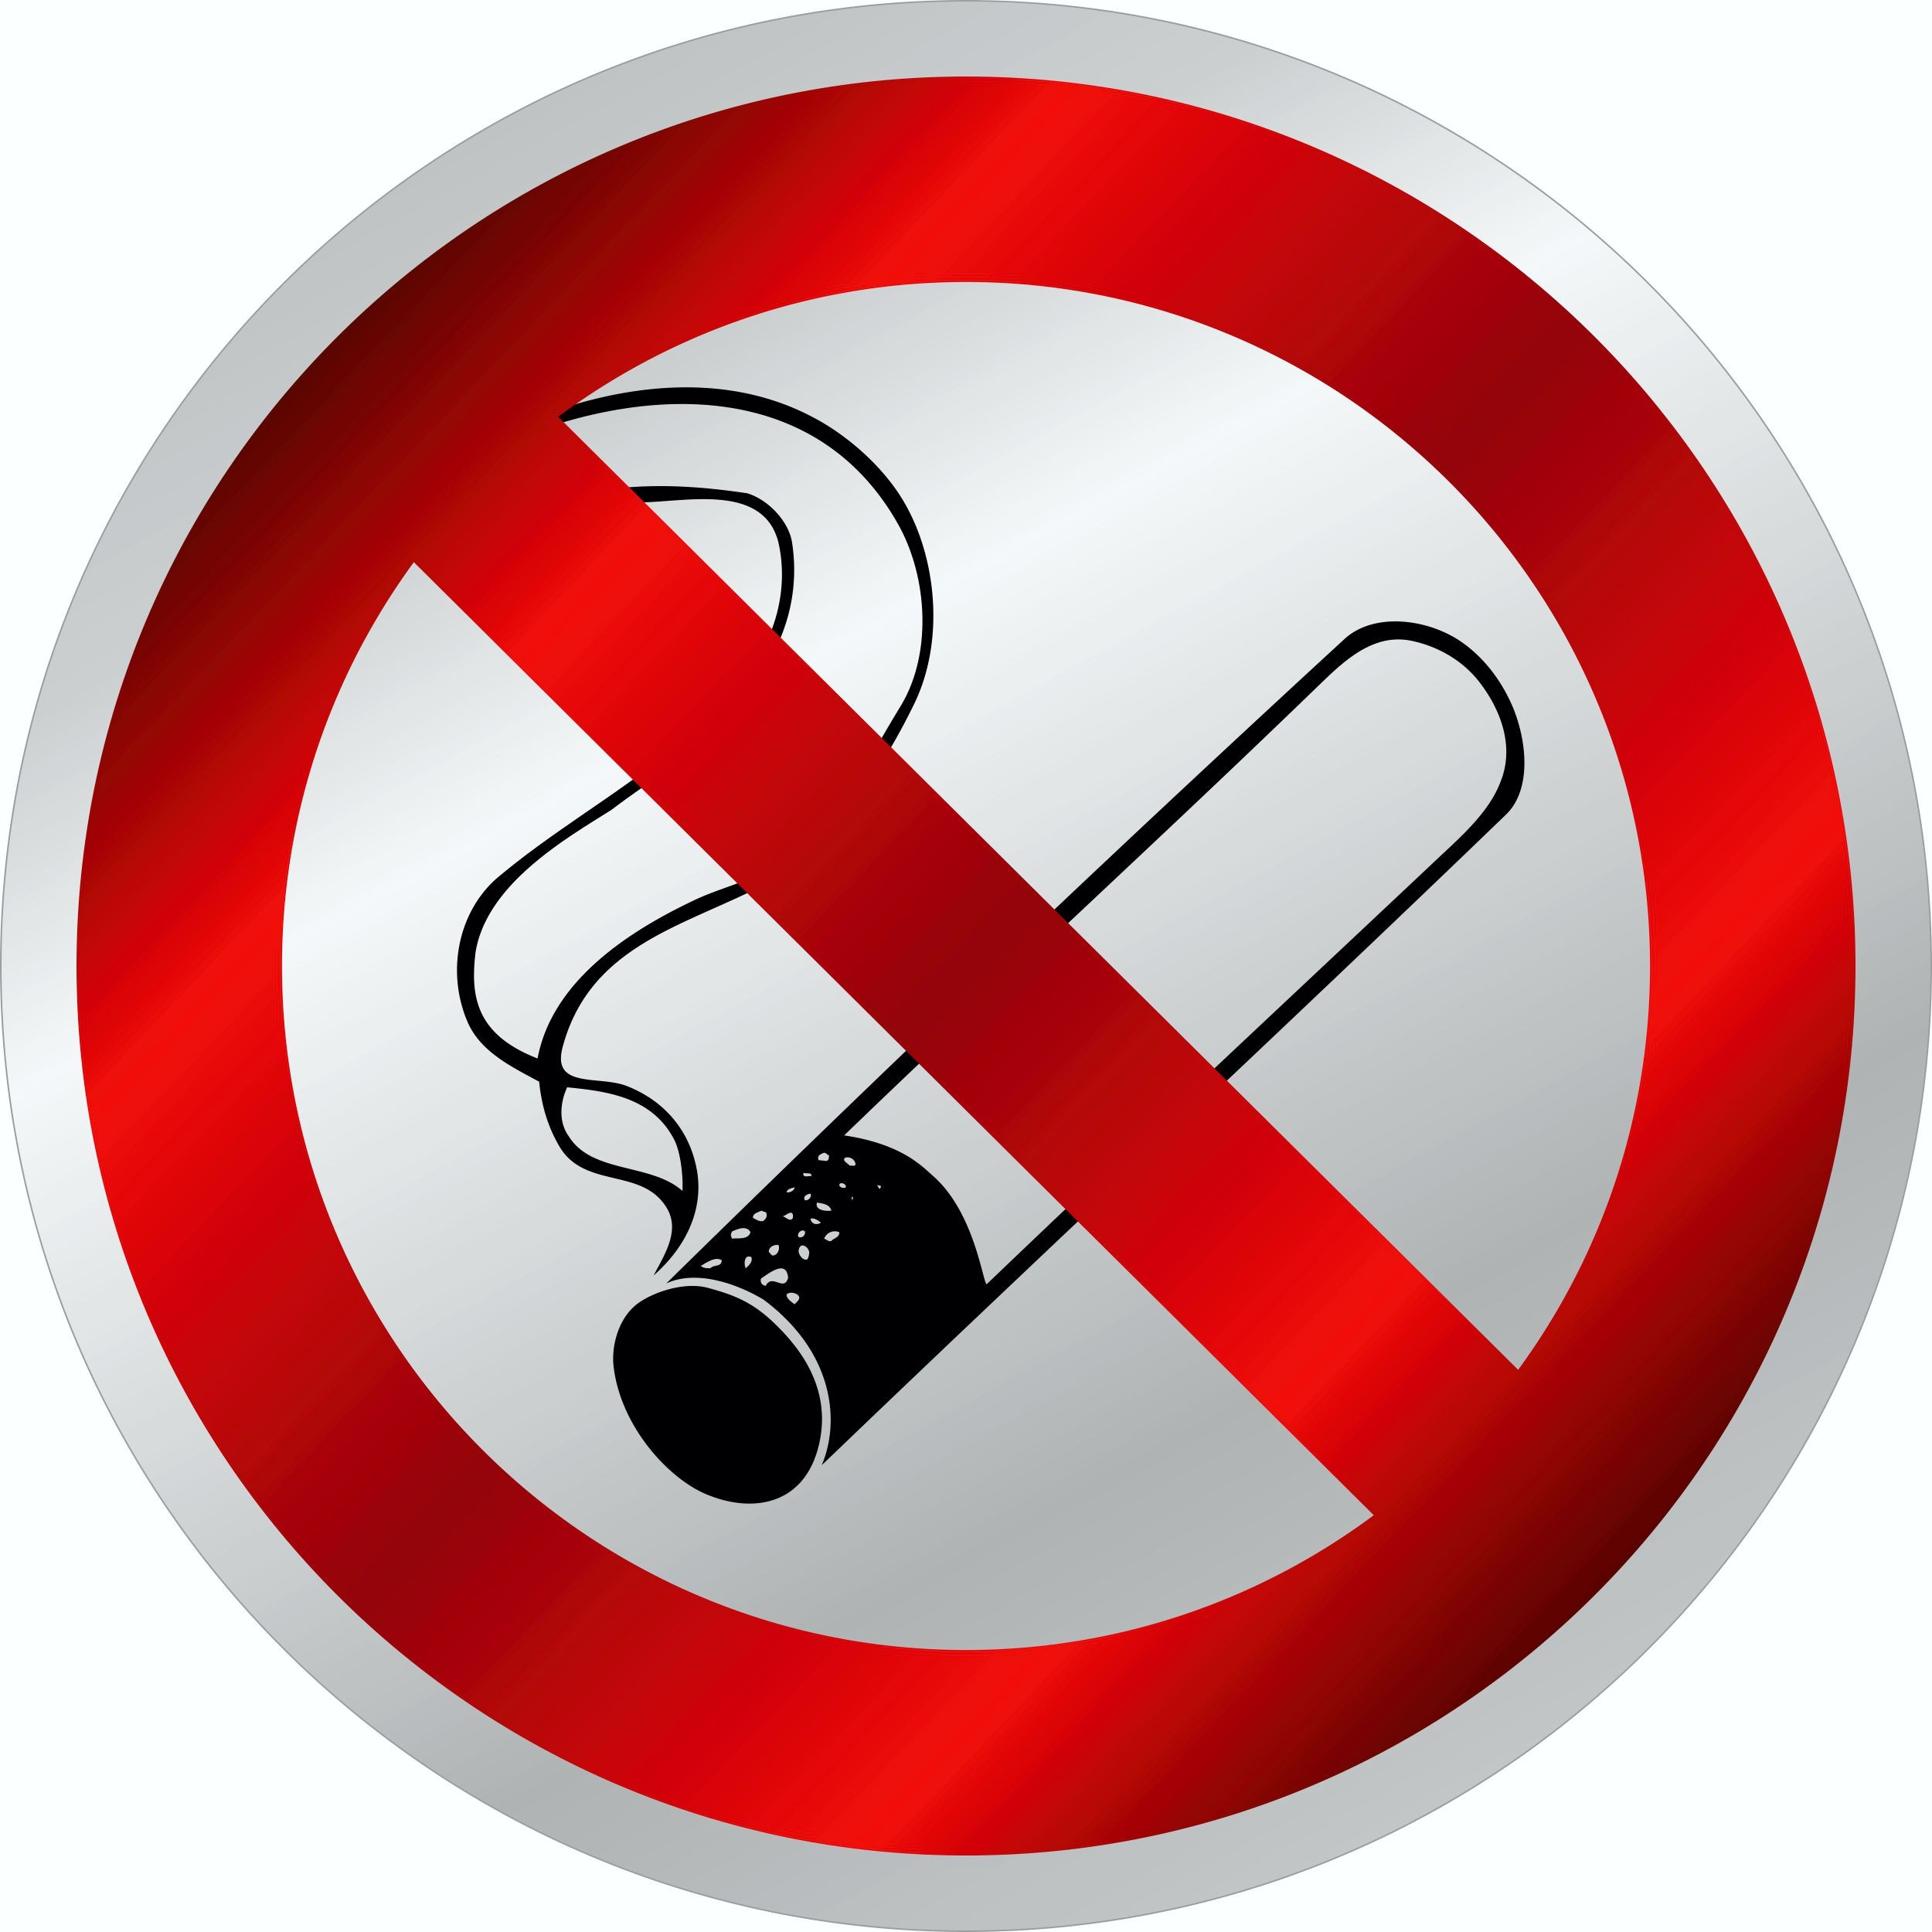 Aufkleber Rauchen verboten reflektierend 80 x 80 mm – Bild 1